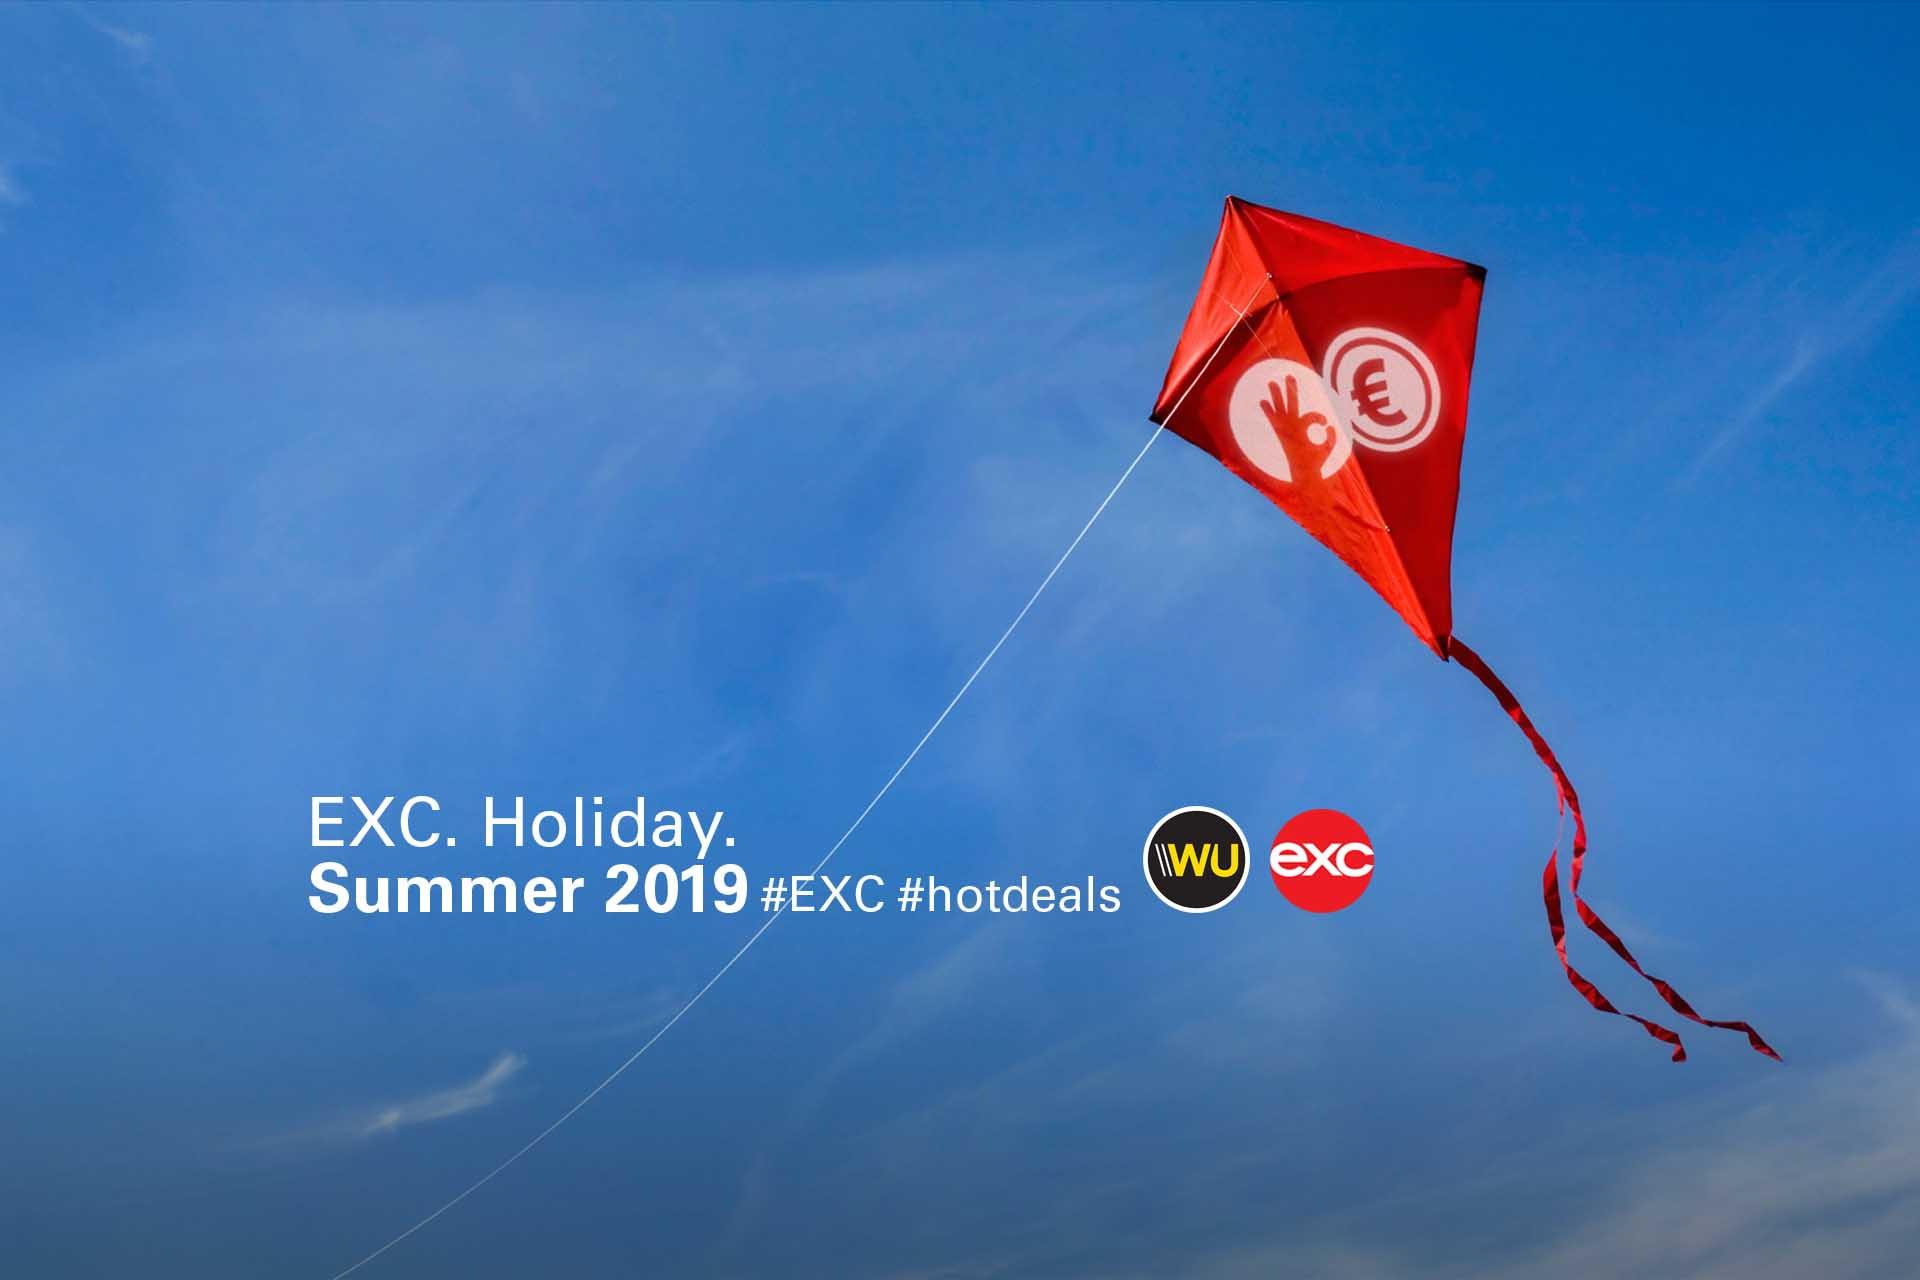 #Holiday #Summer 2019 #okEUR #sky